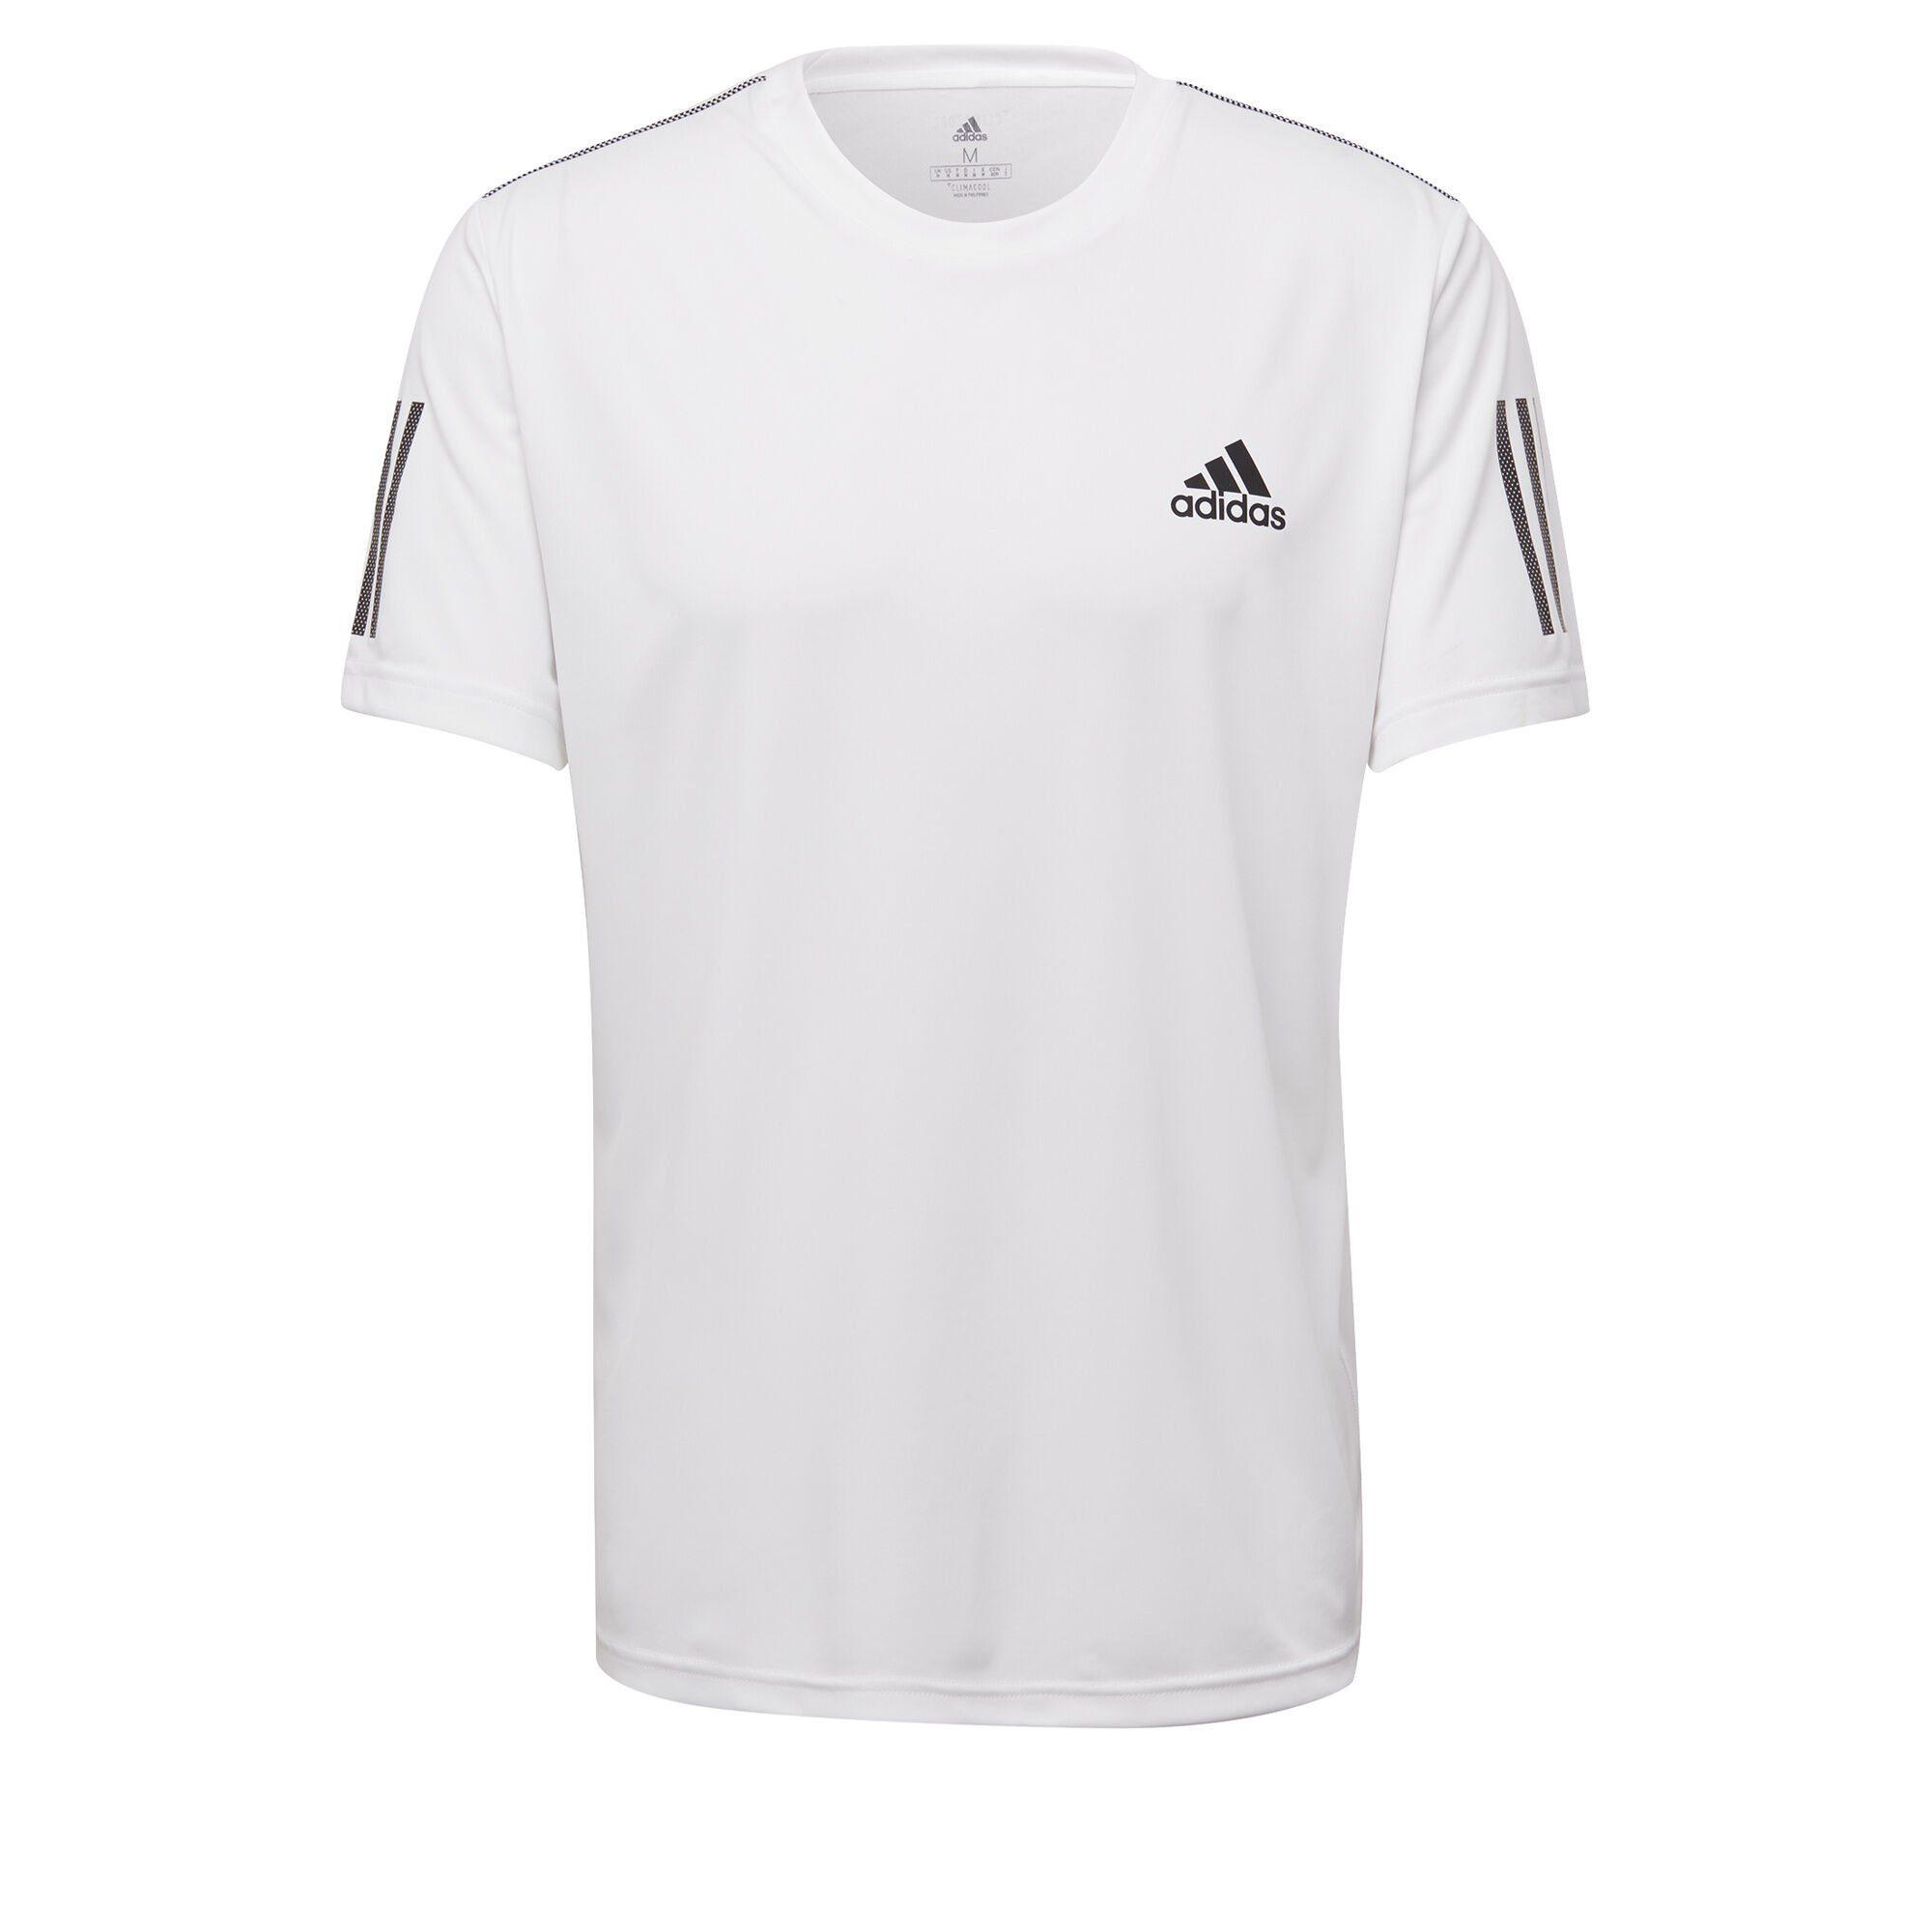 OTTO | Herren adidas Performance T Shirt 3 Streifen Club T